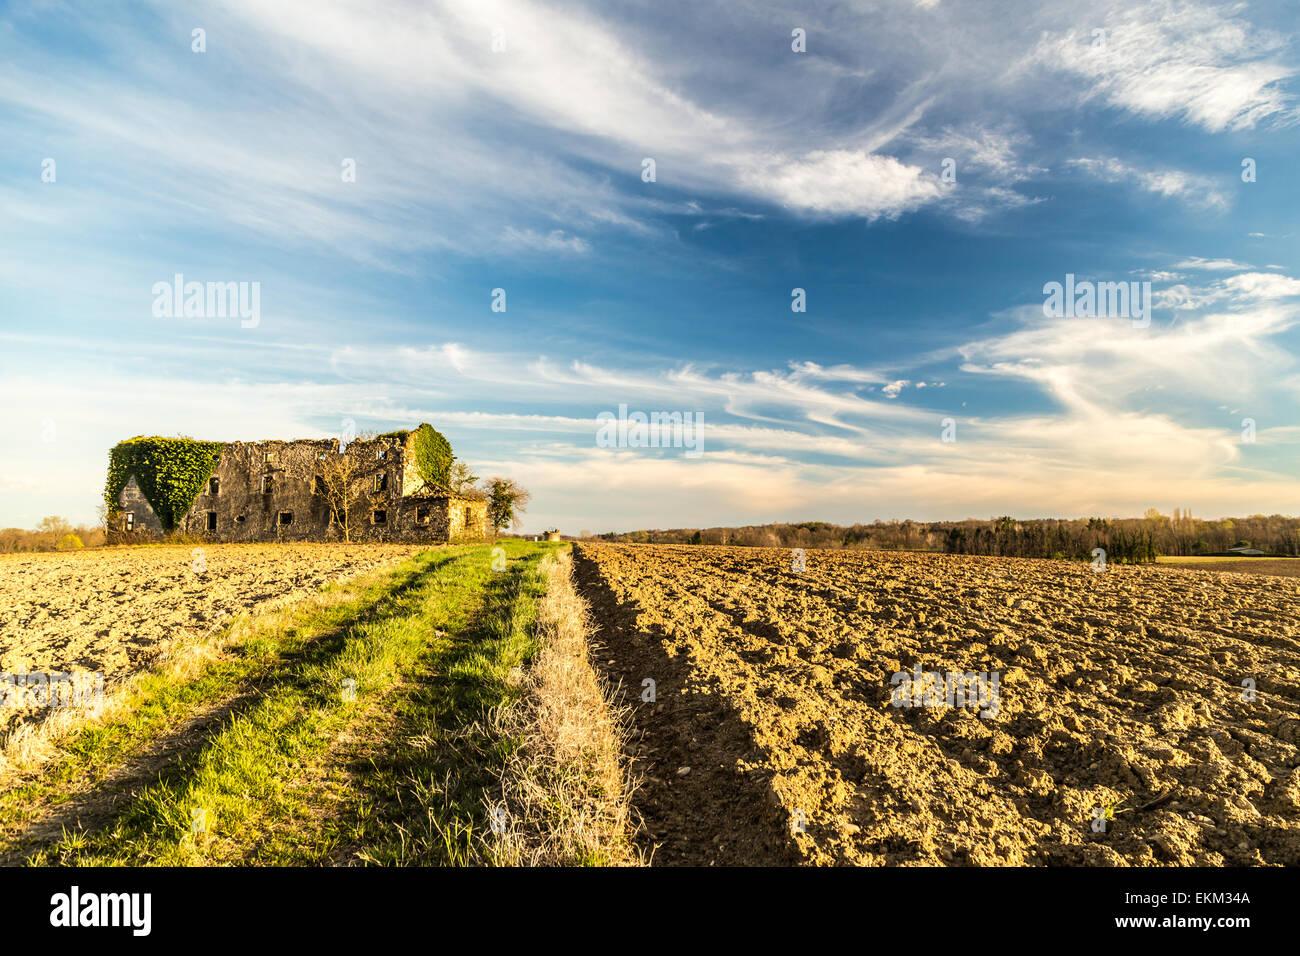 Una abandonada y arruinada granja en los campos de Italia Imagen De Stock